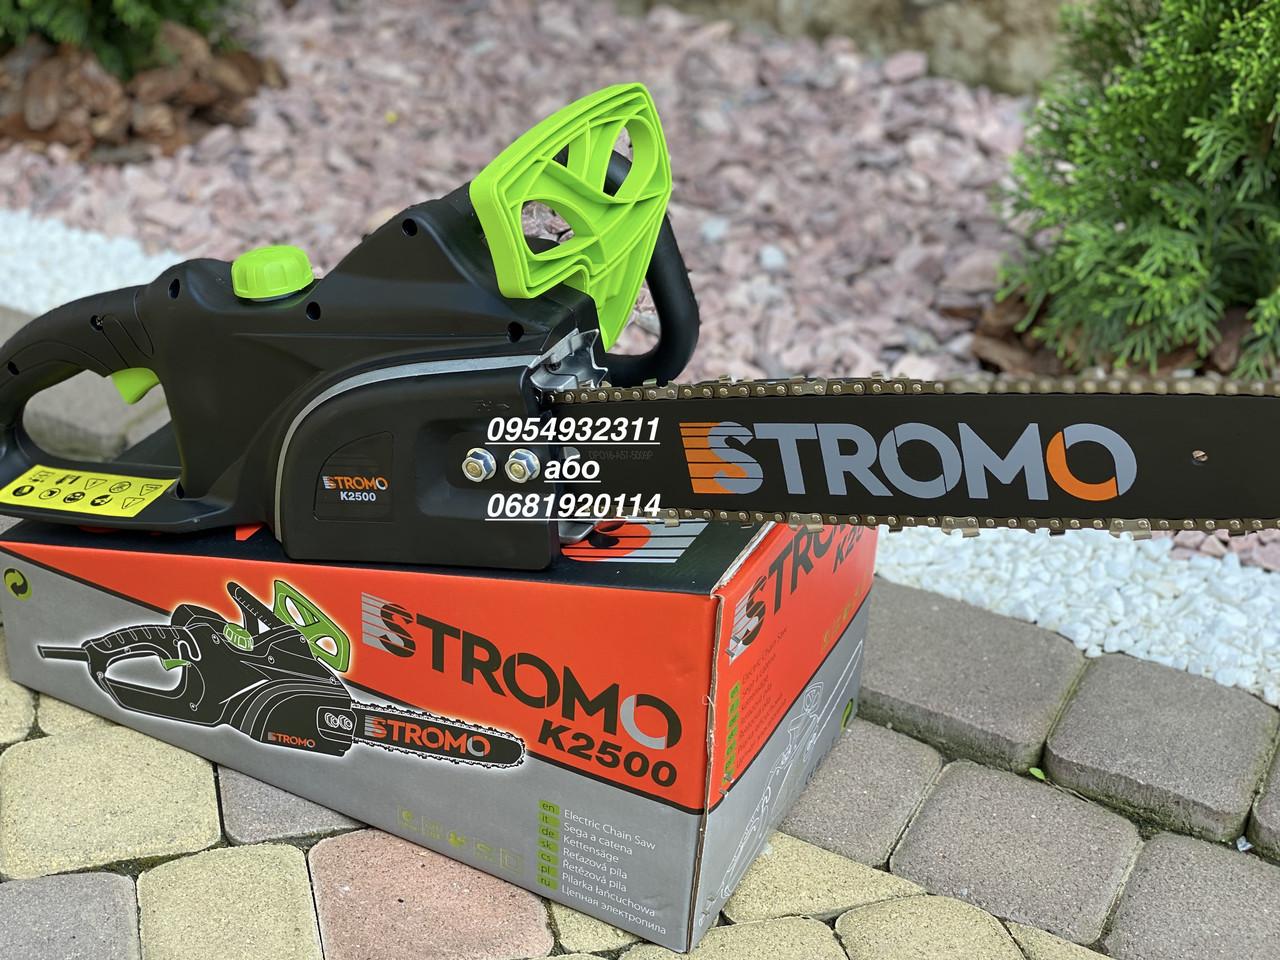 Пила электрическая Stromo K2500